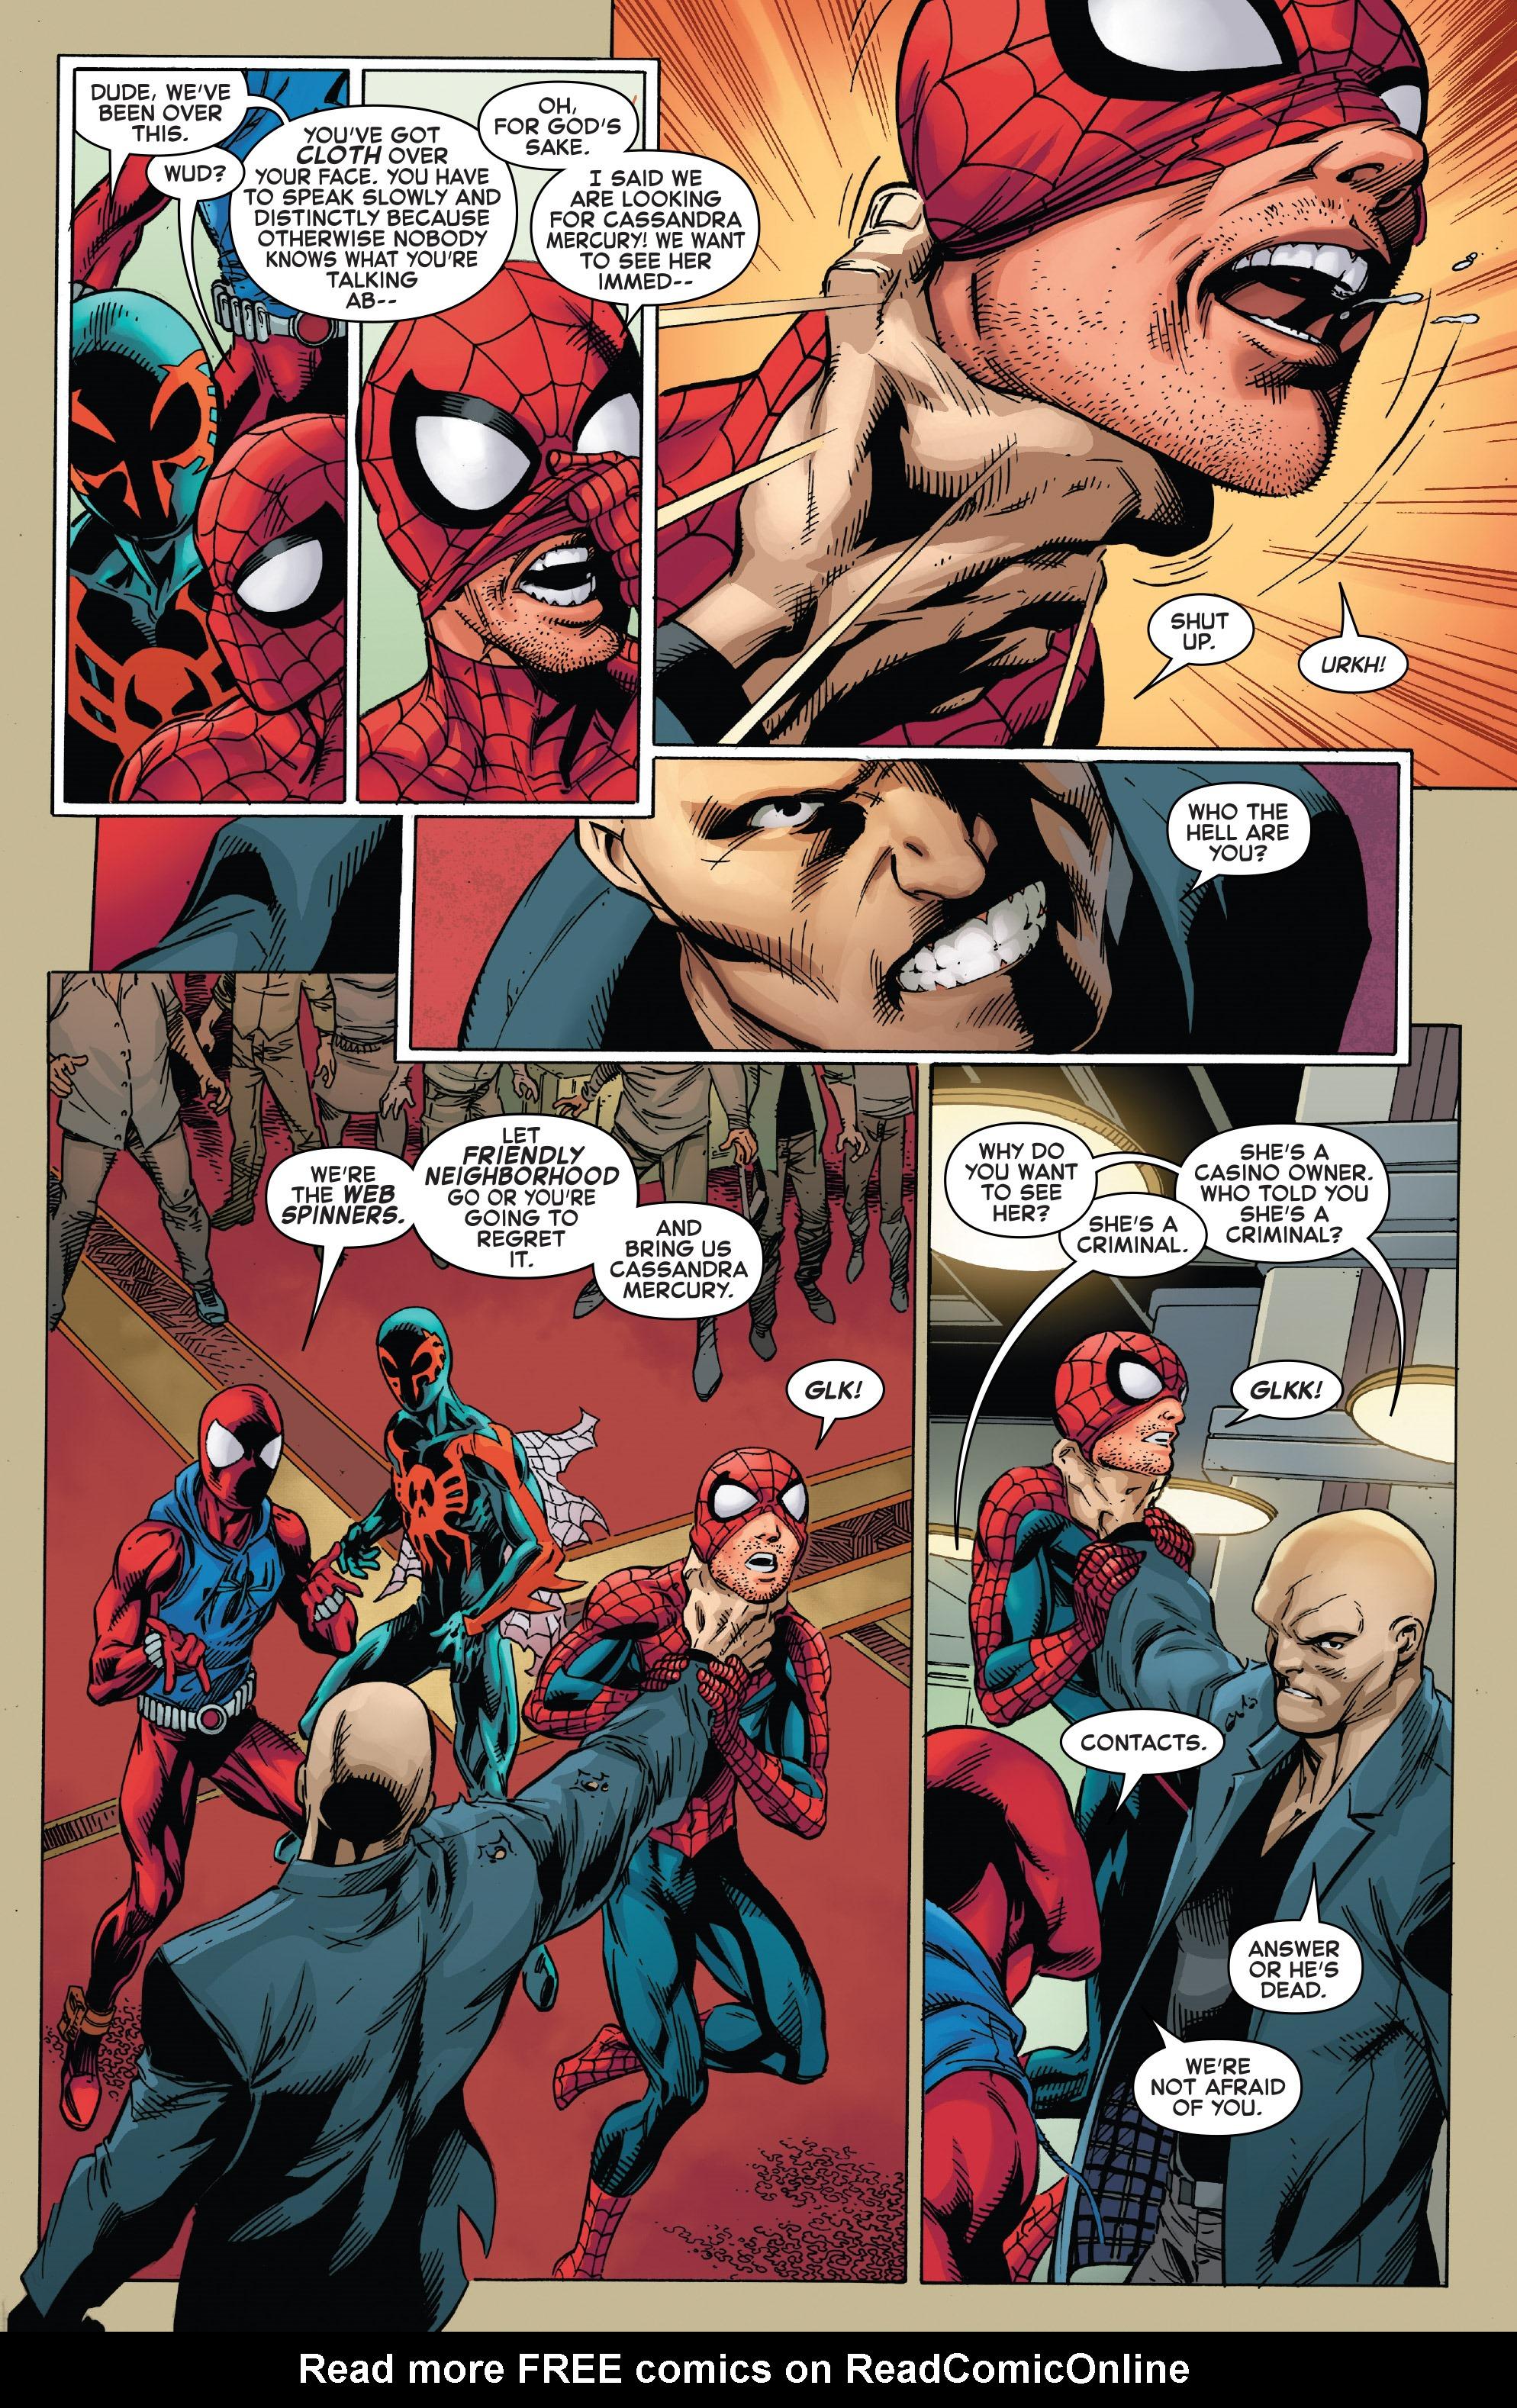 Read online Ben Reilly: Scarlet Spider comic -  Issue #3 - 15